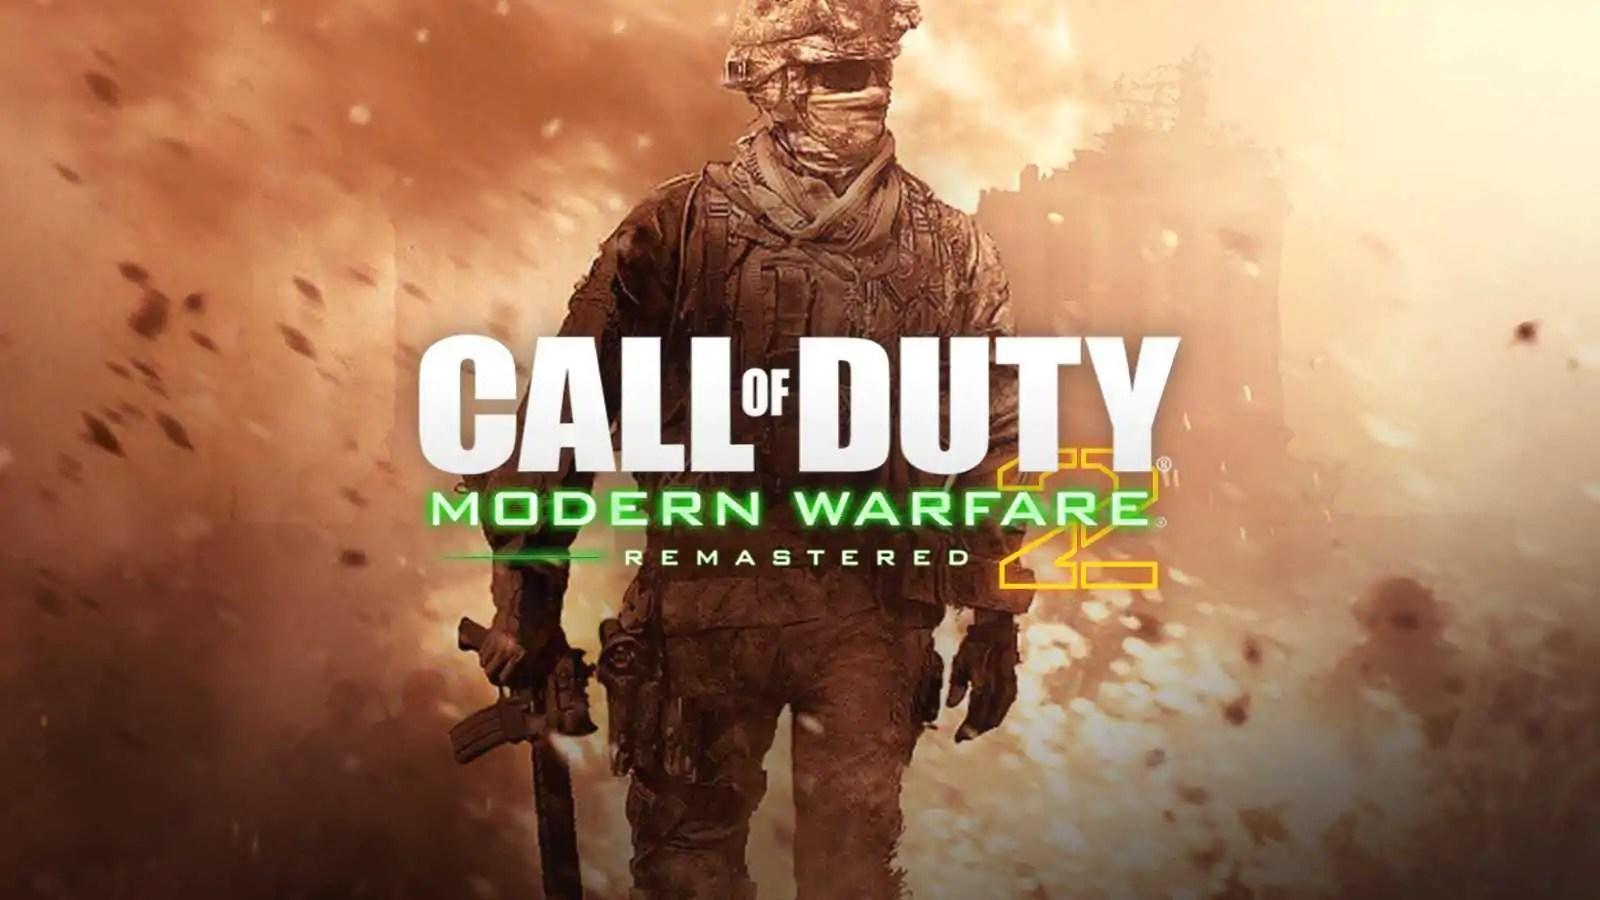 Call of Duty: Modern Warfare 2 Modern Warfare 3